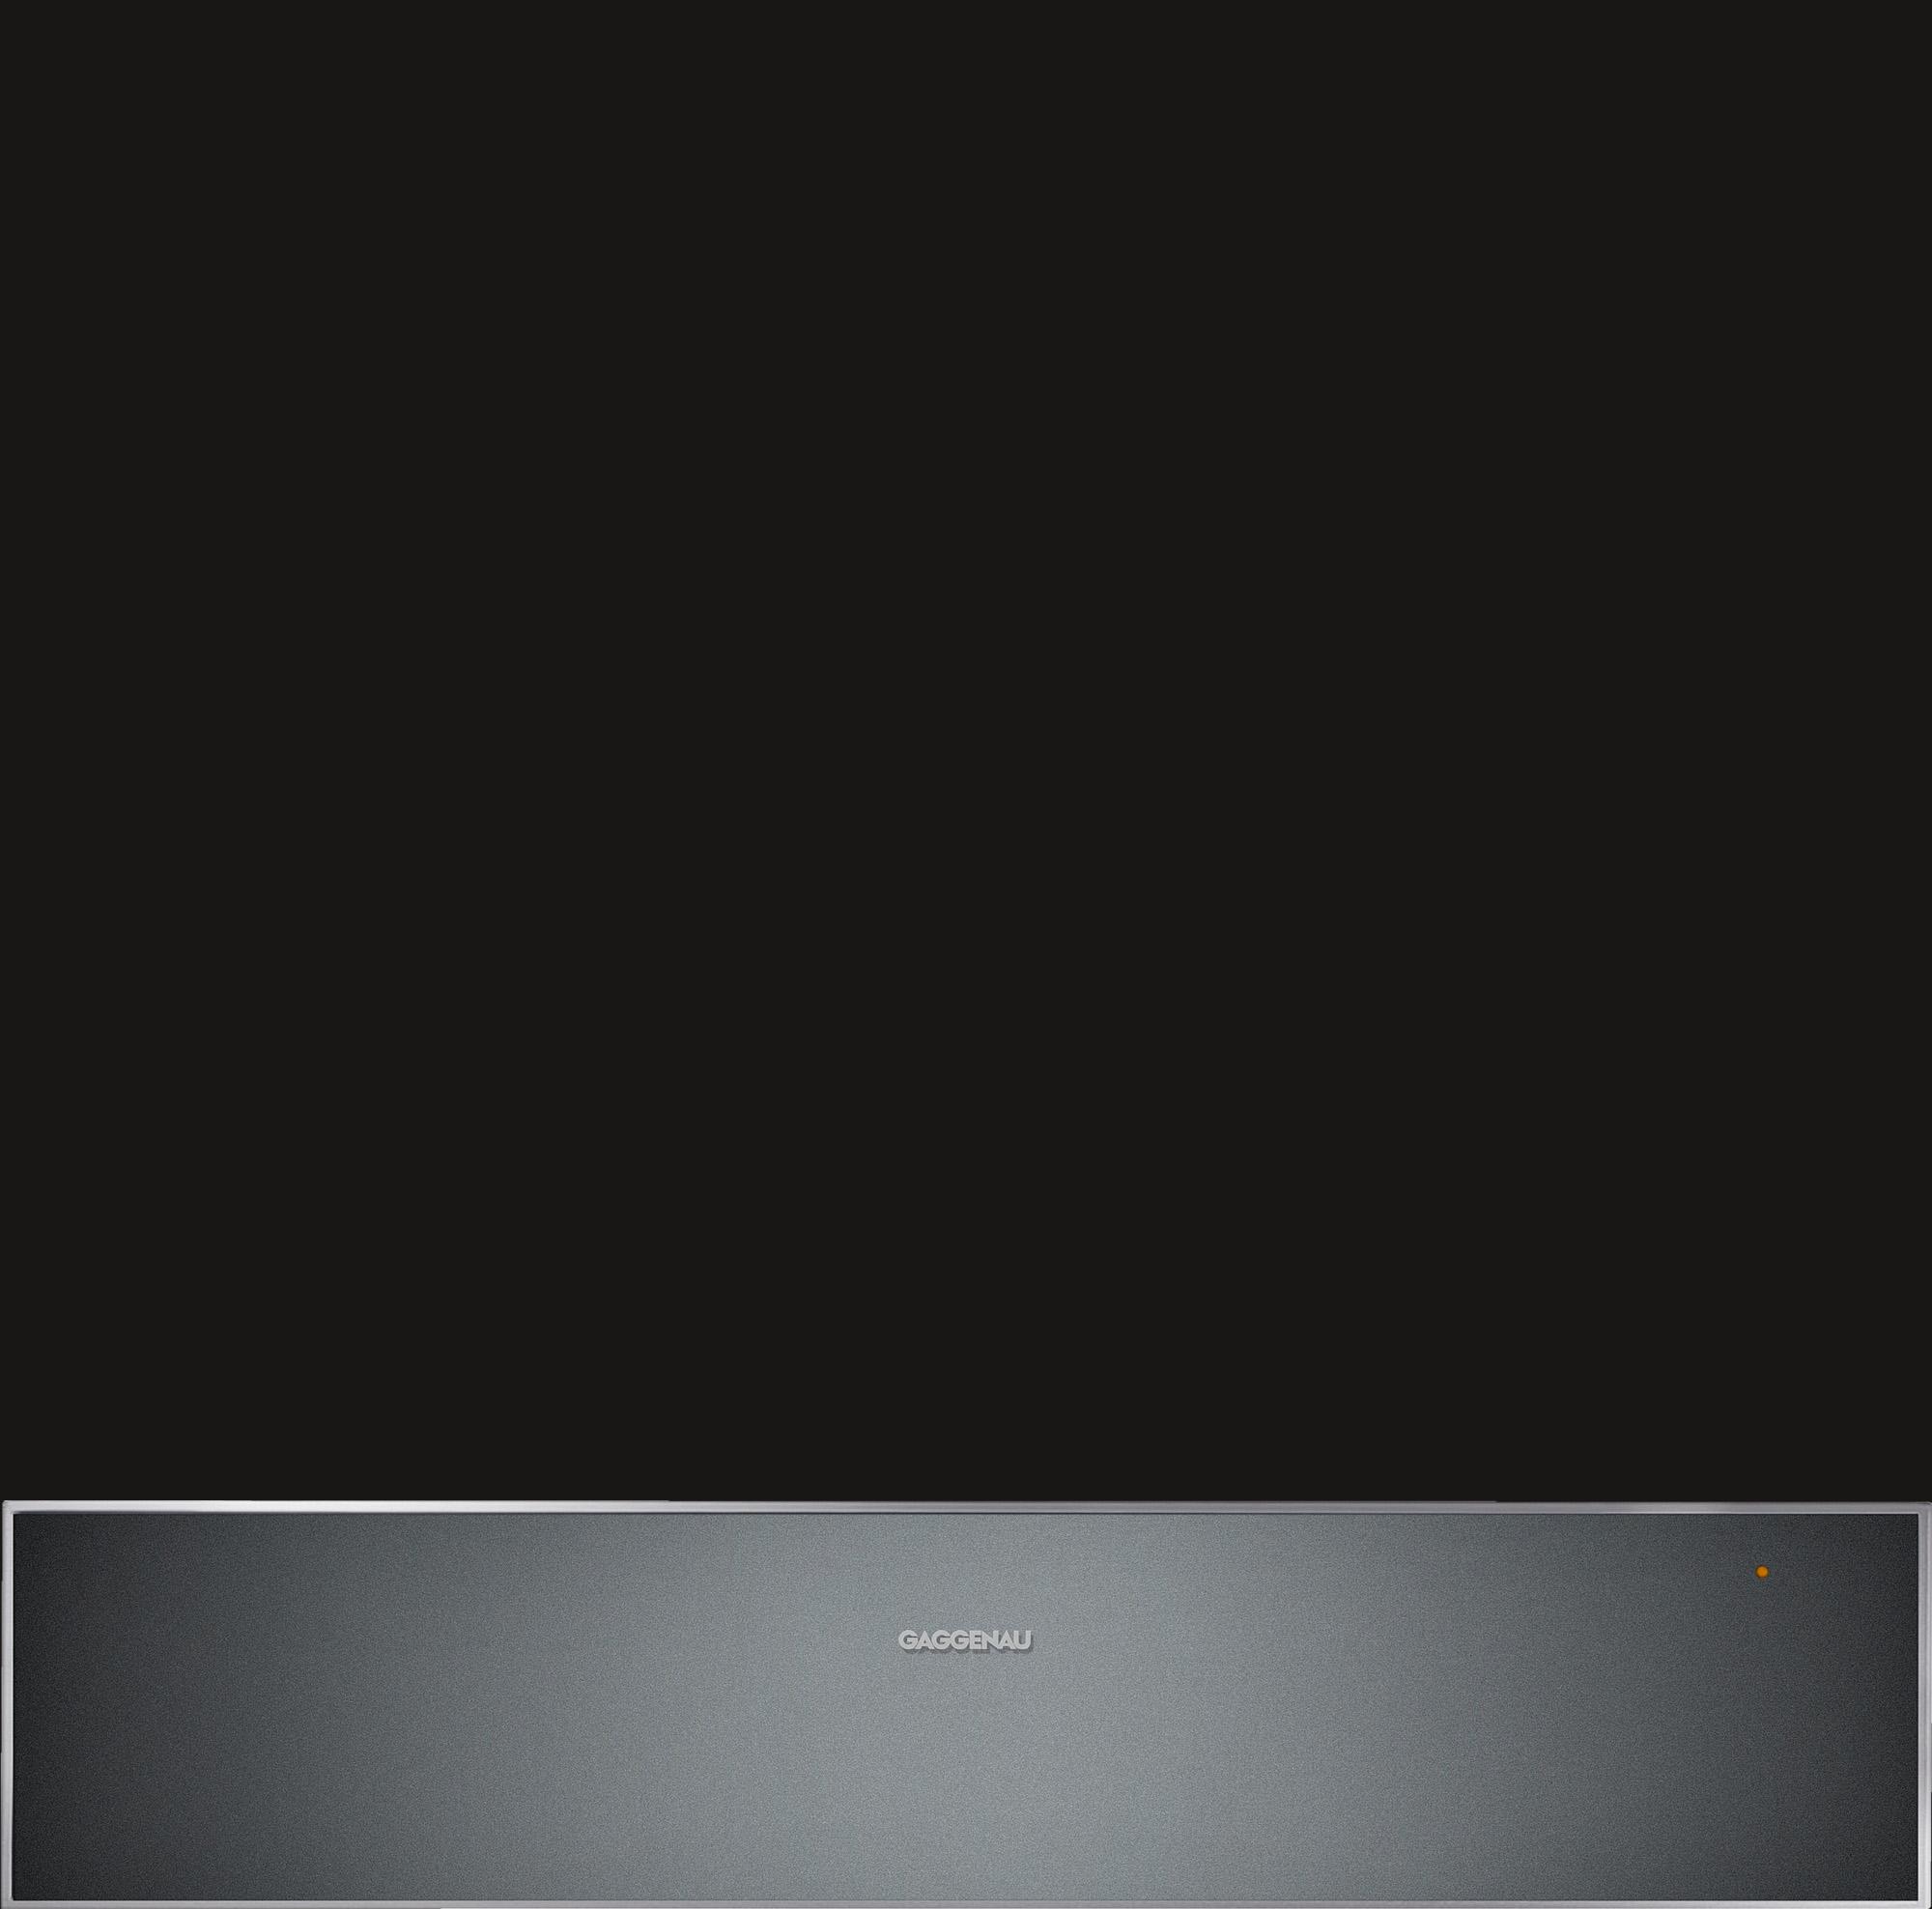 Шафа для підігрівання посуду WS461100 GAGGENAU